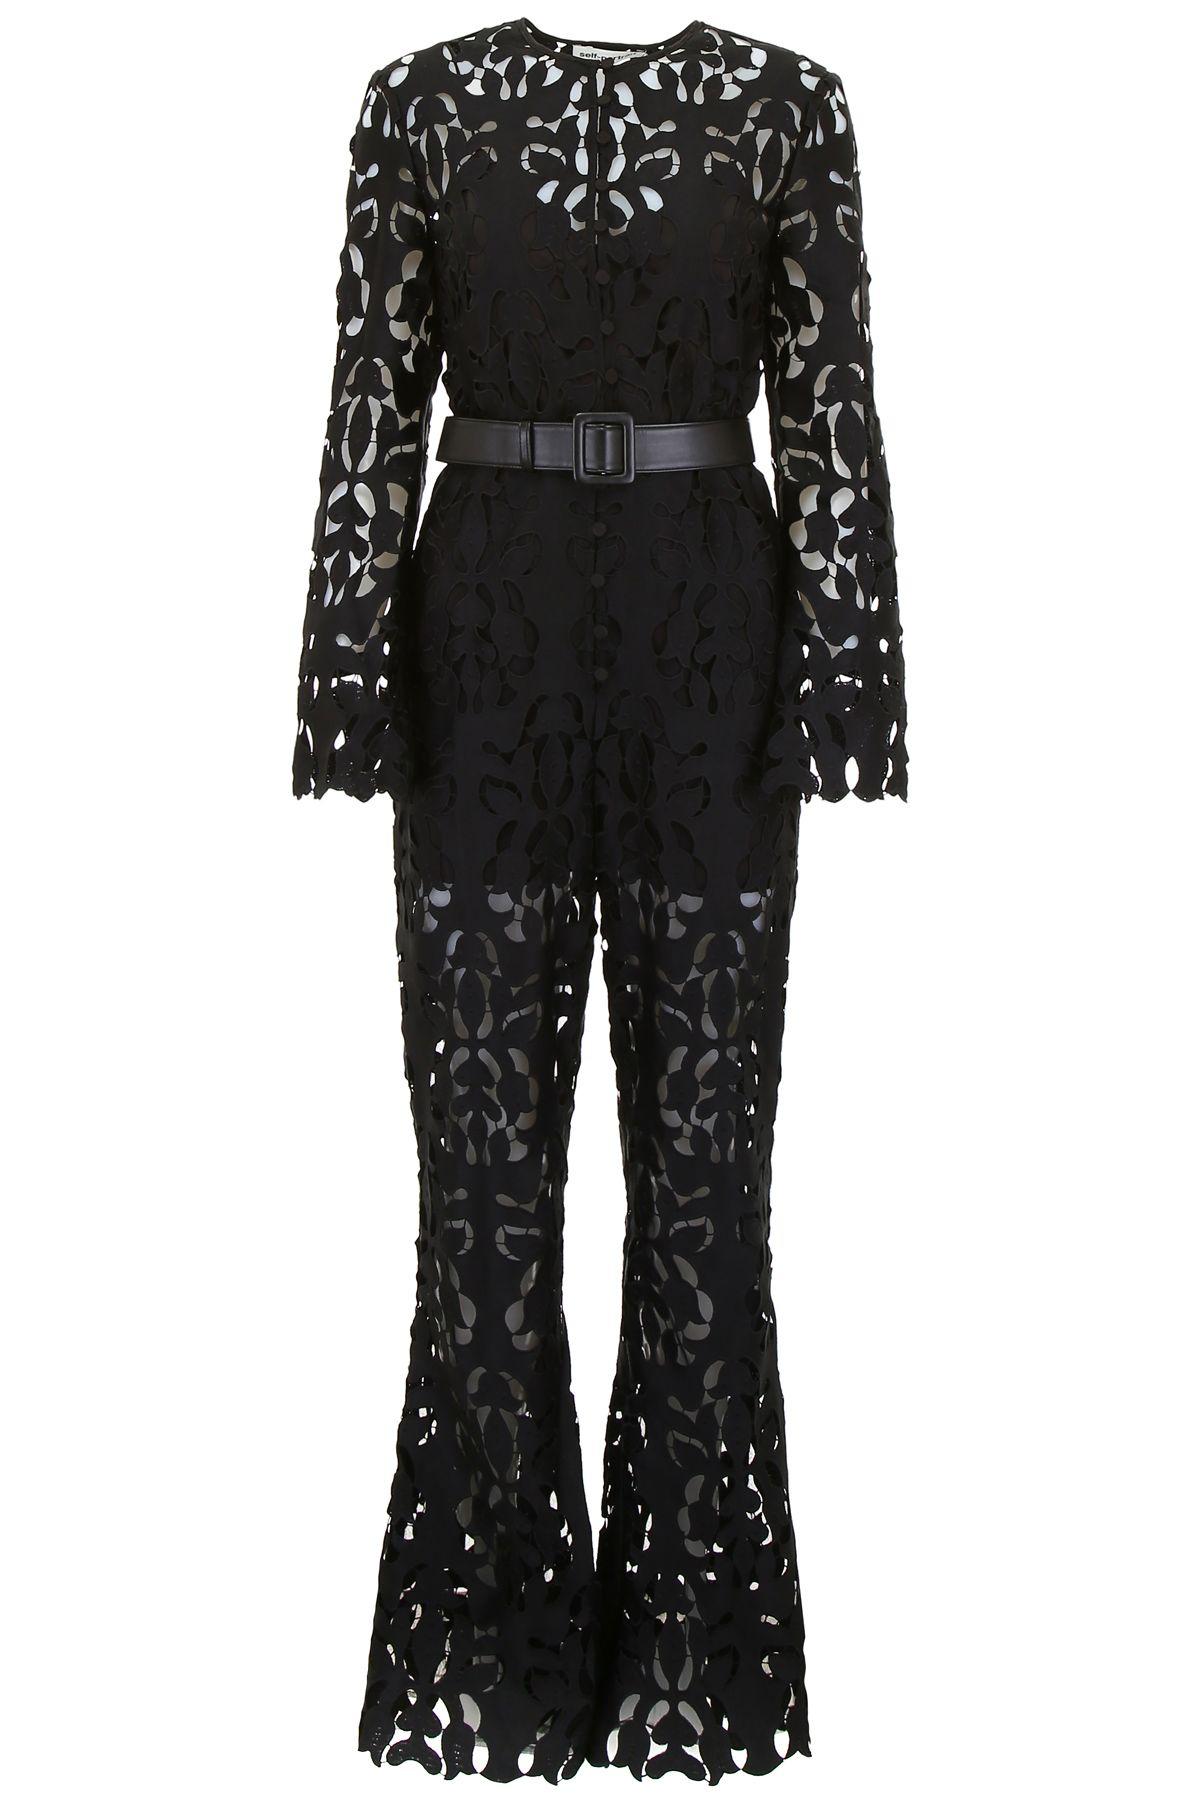 076e5d7929c2 Self-Portrait Tech Lace Jumpsuit W/ Faux Leather Belt In Black ...